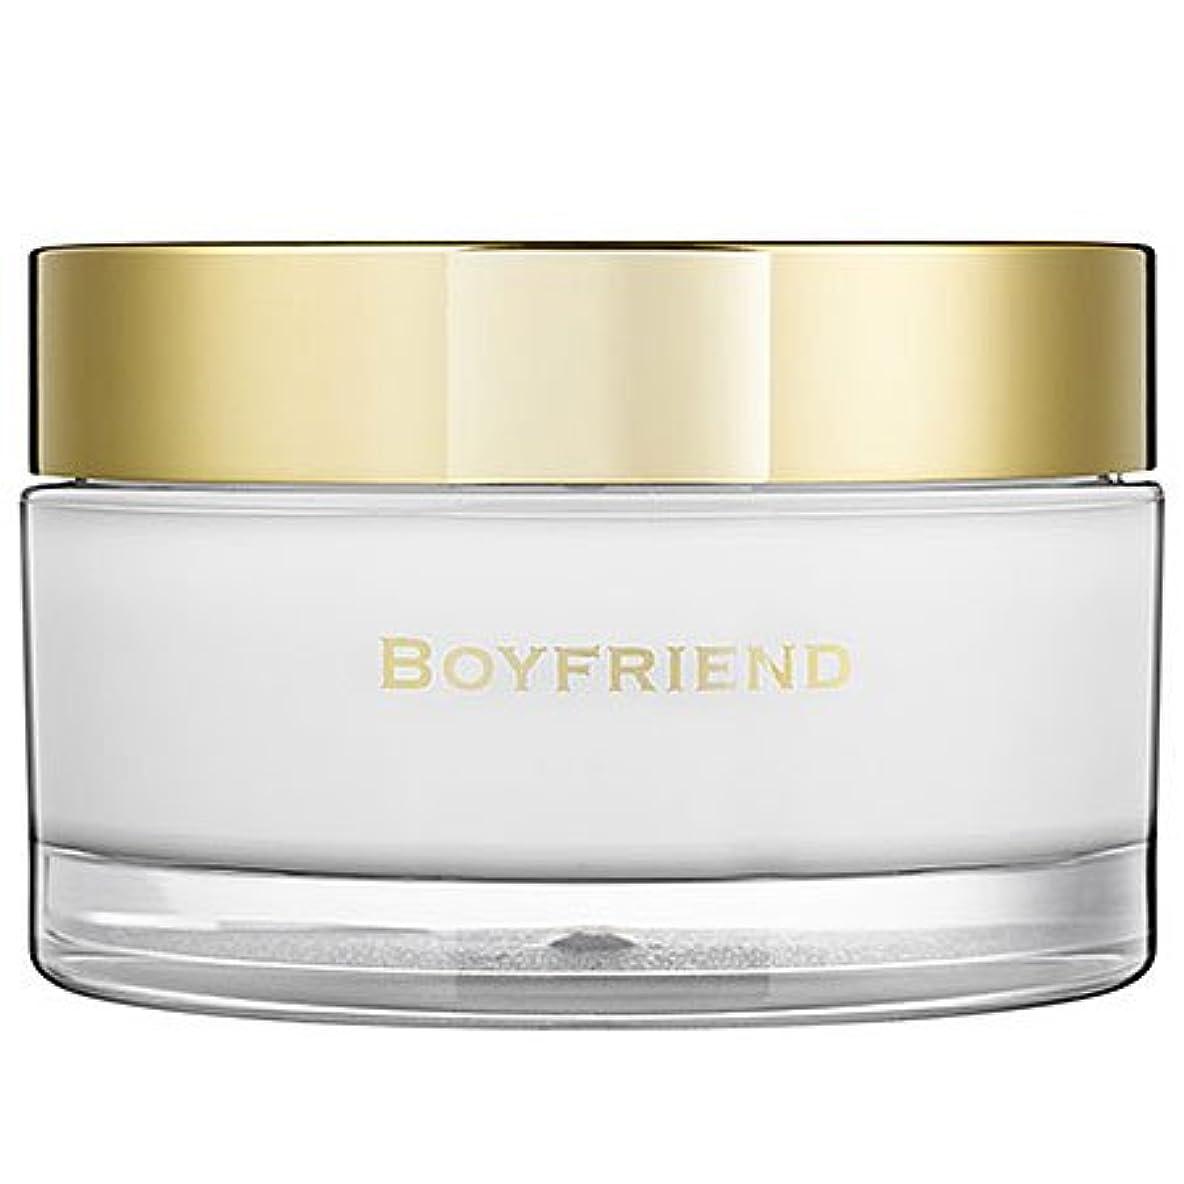 毒液仲介者医薬品Boyfriend (ボーイフレンド) 6.7 oz (200ml) Body Cream by Kate Walsh for Women